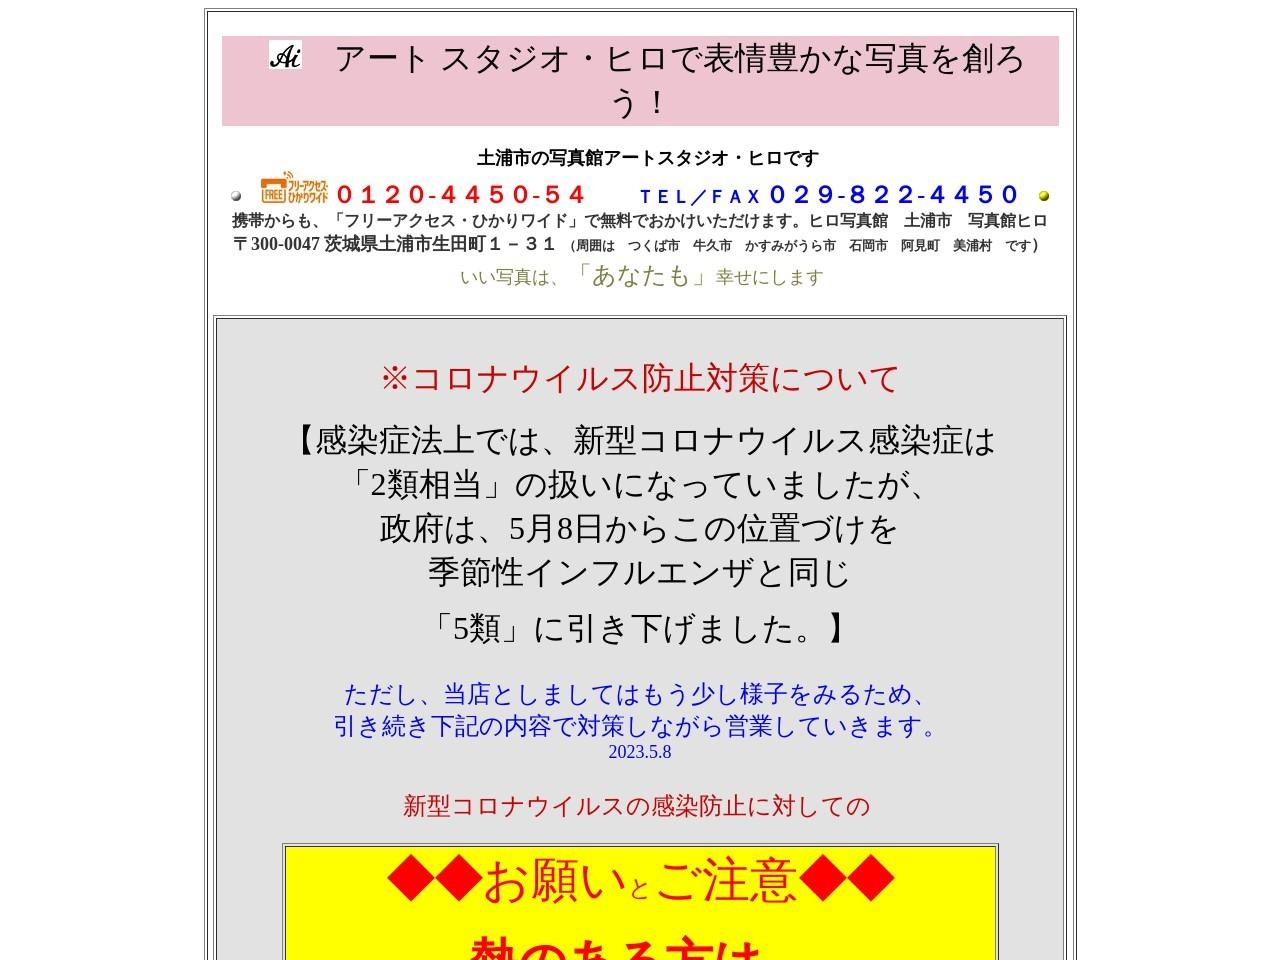 アートスタジオ・ヒロ写真館 茨城県 土浦市 つくば 石岡 牛久